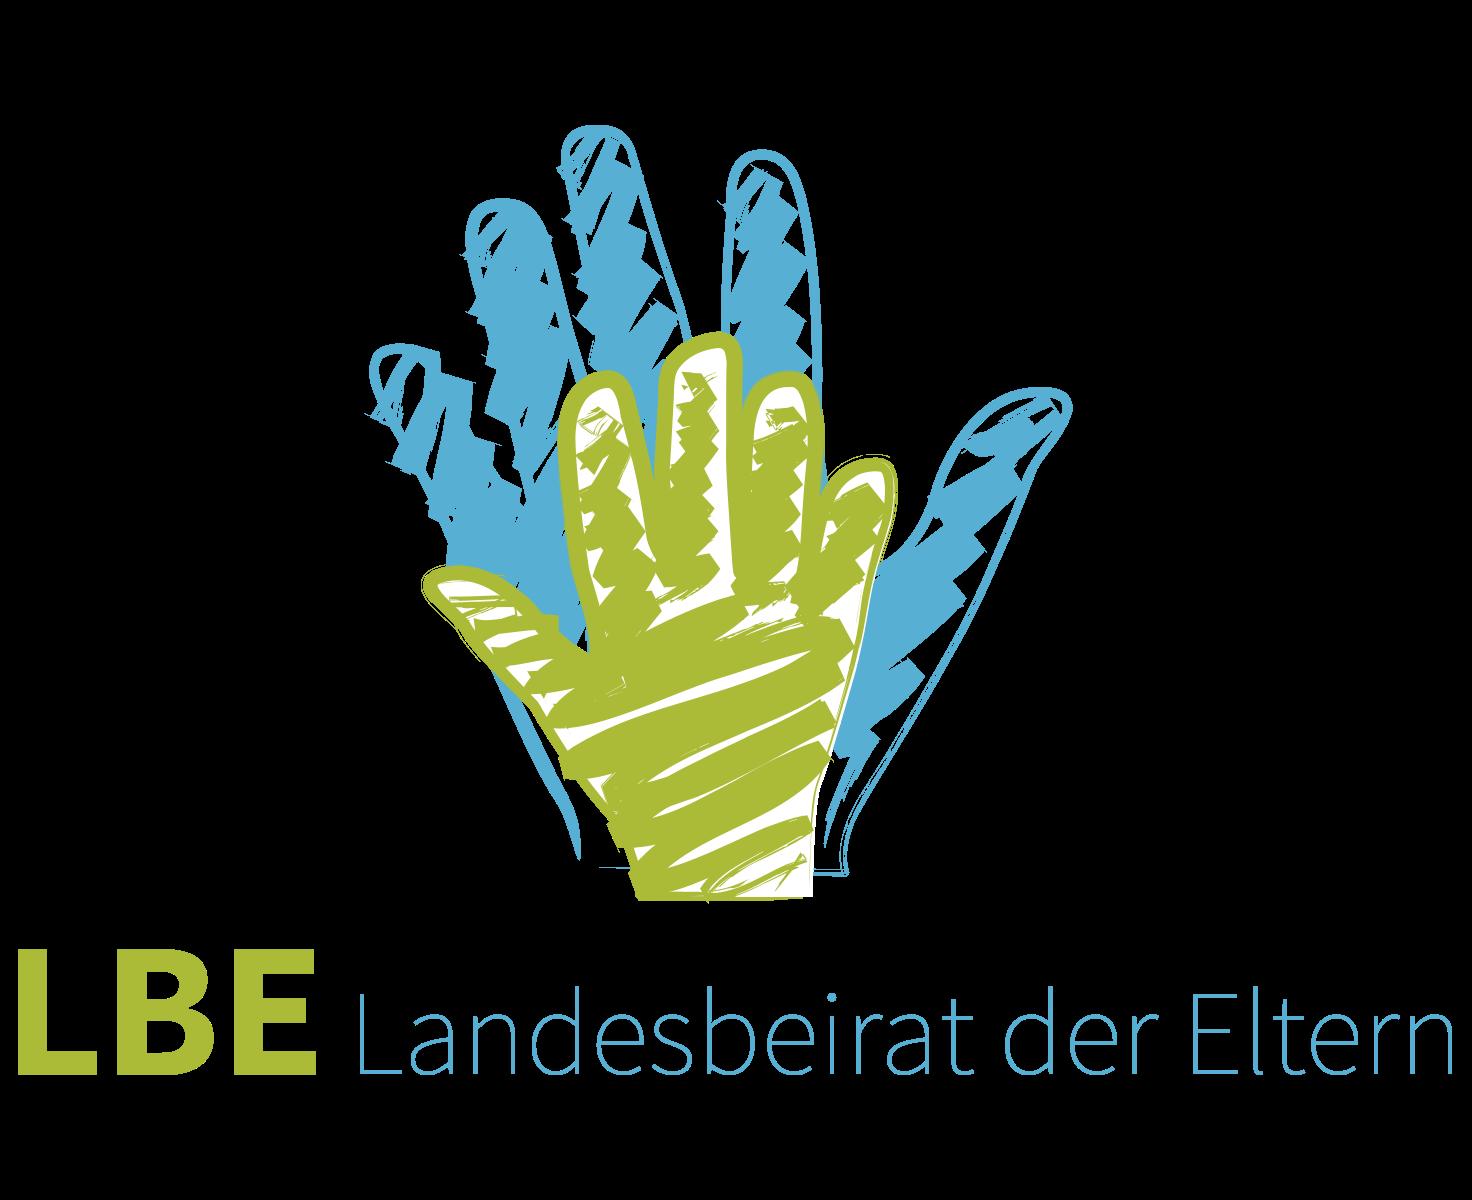 Landesbeirat der Eltern für die deutschsprachige Schule